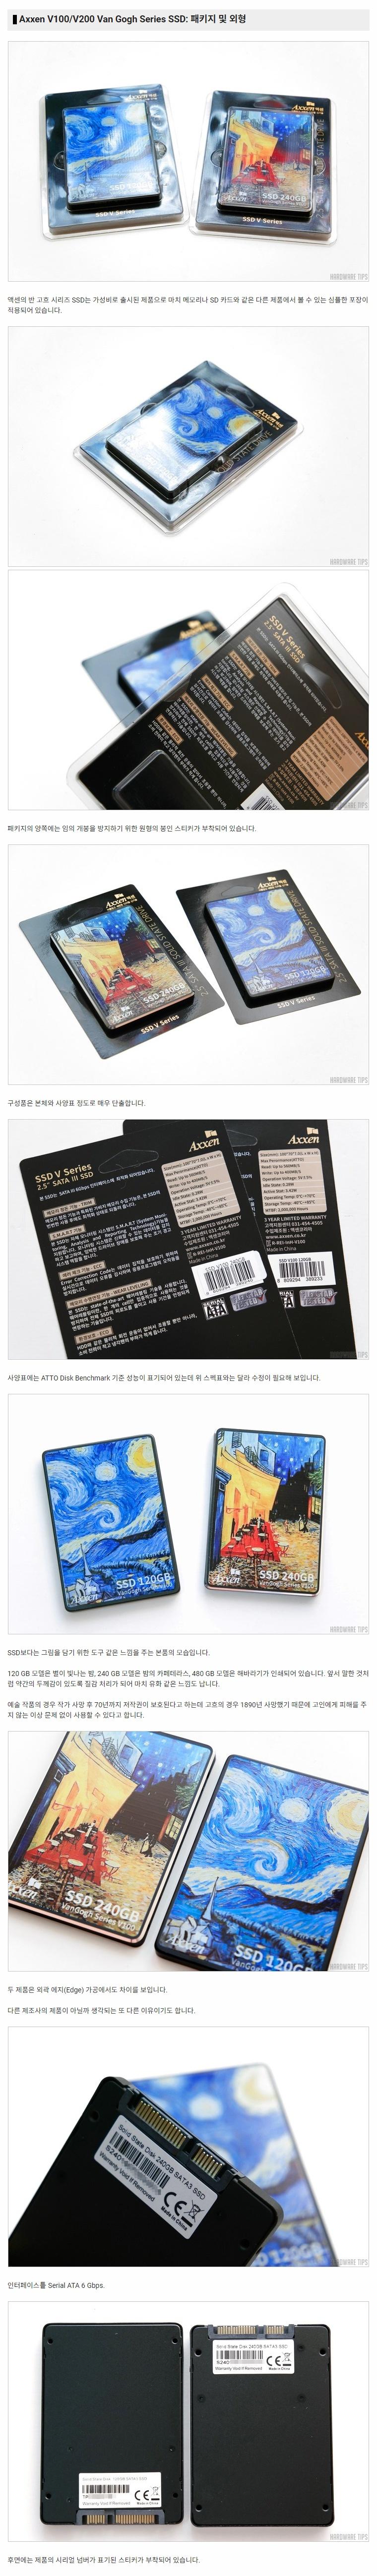 Axxen V100 V200 Van Gogh Series SSD - 3.jpg